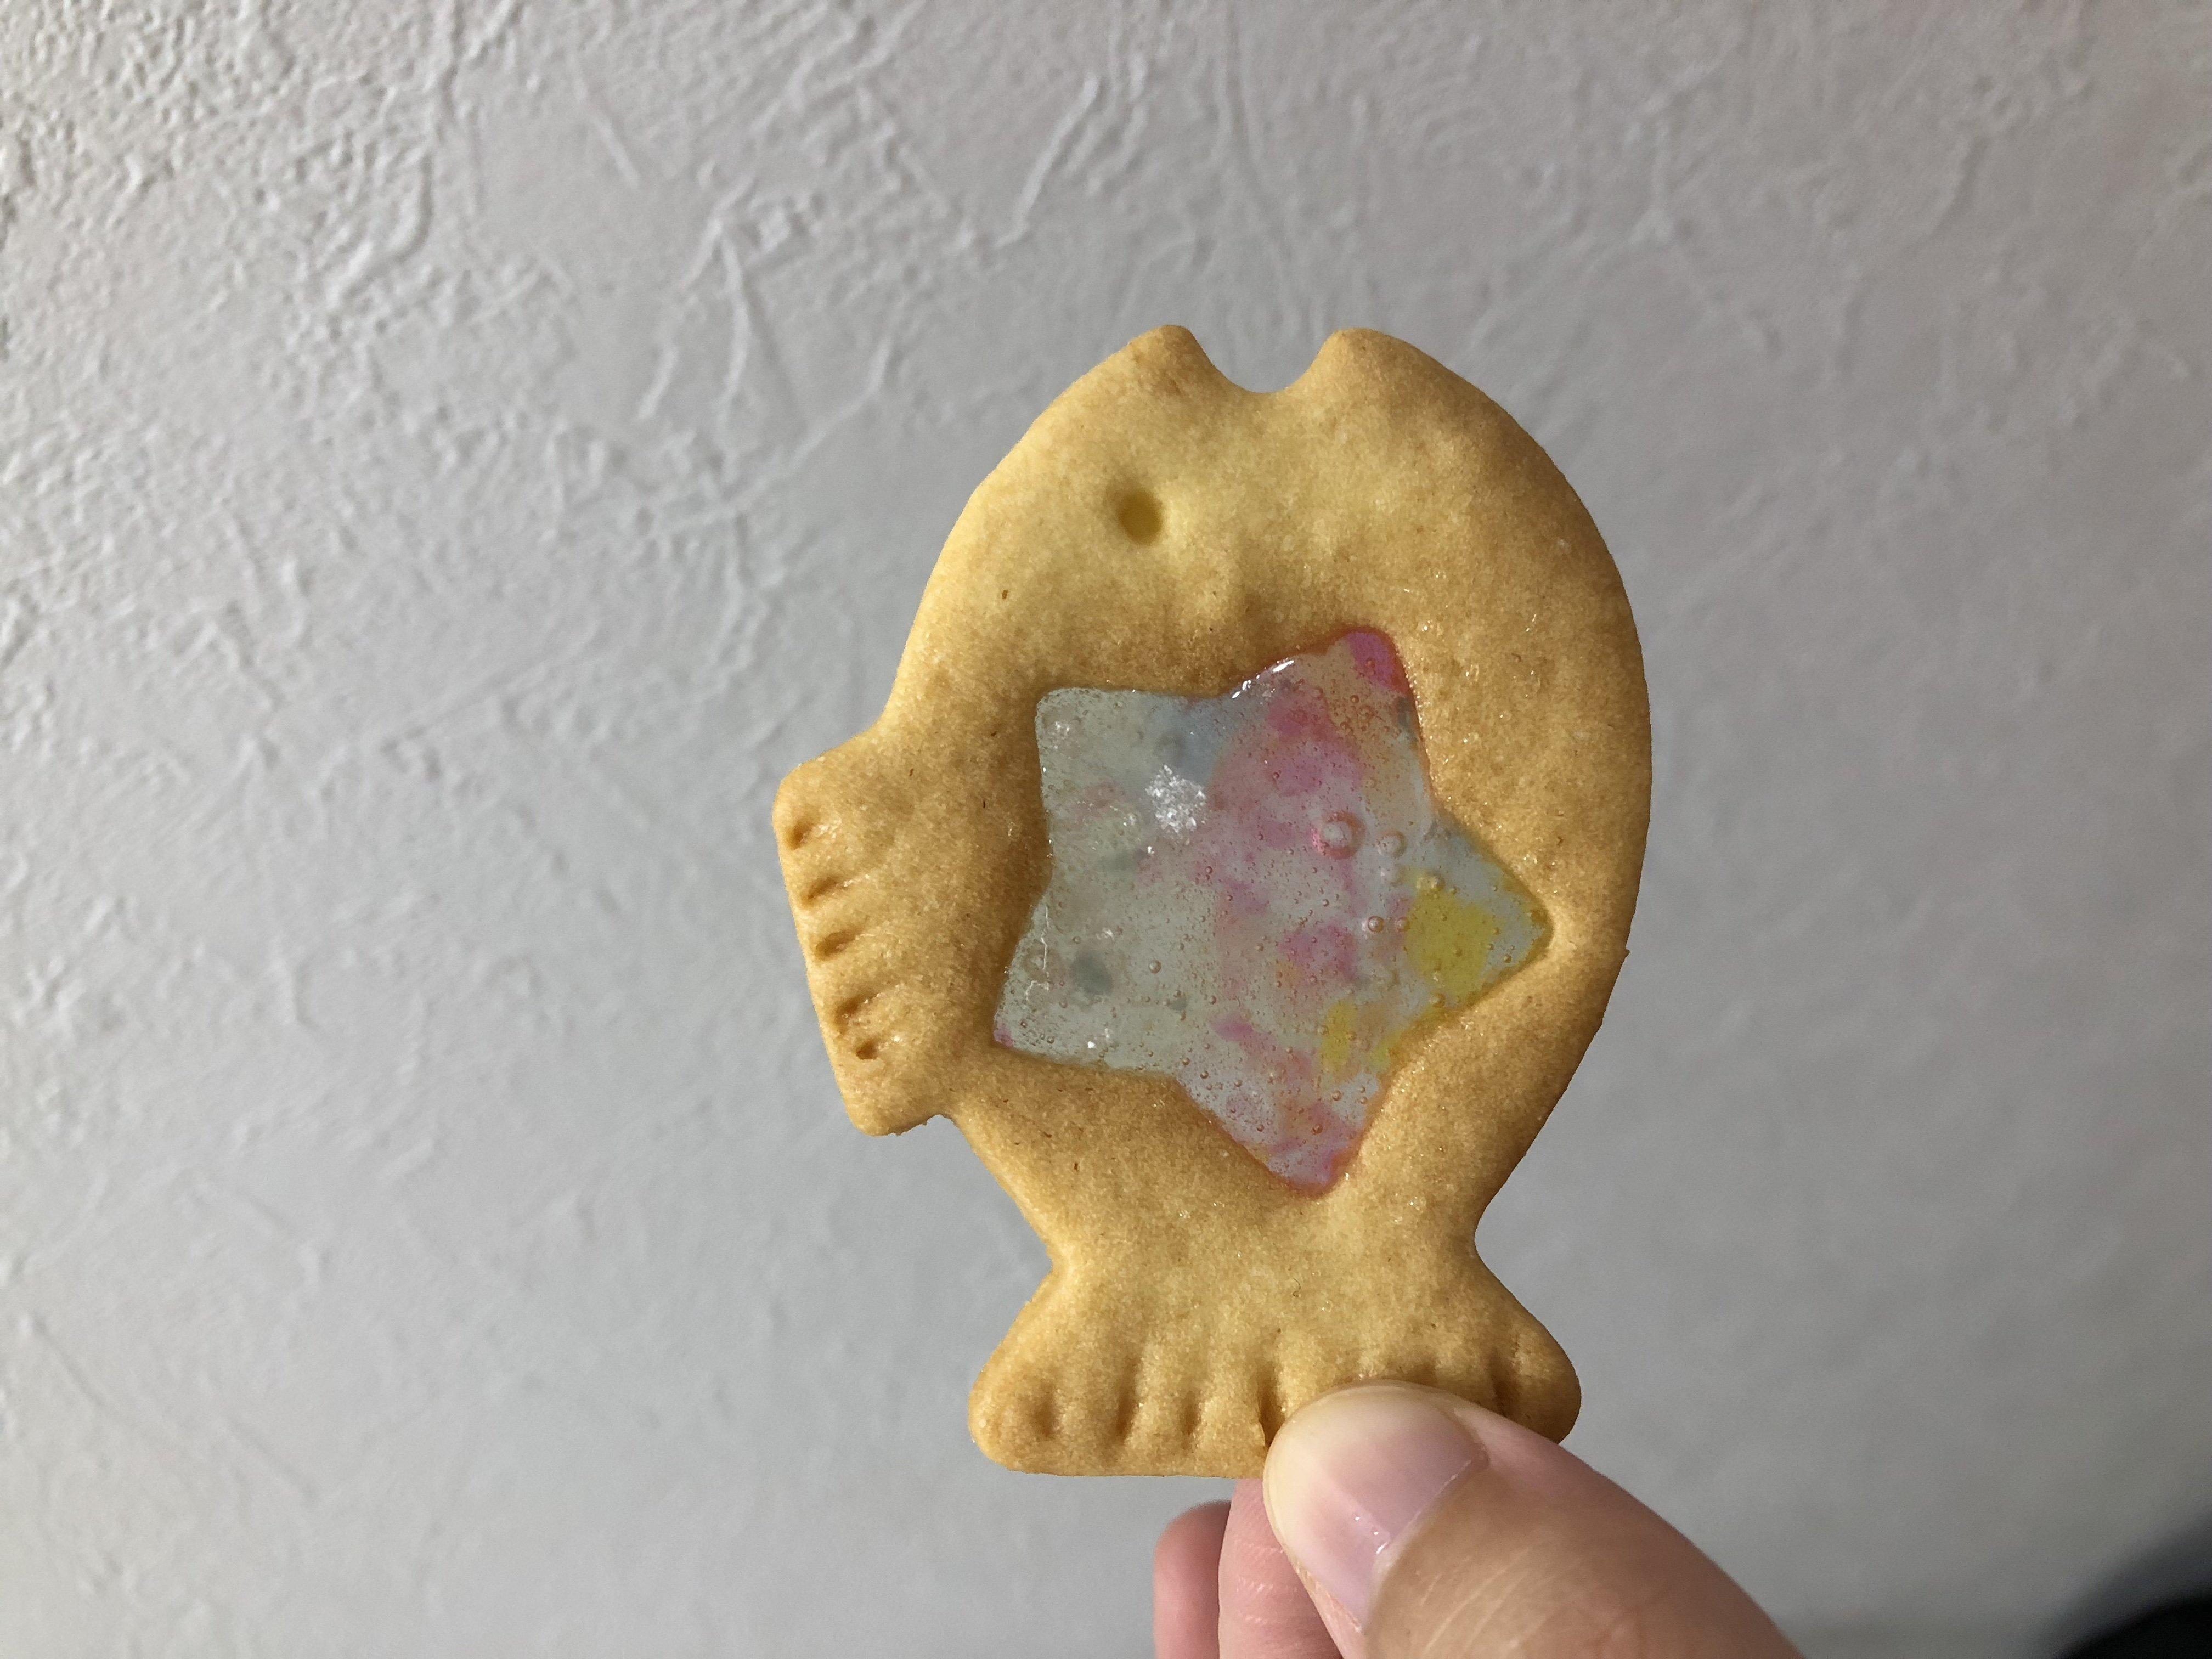 こんなクッキー買いました!手作り☆ステンドグラスクッキーと言…